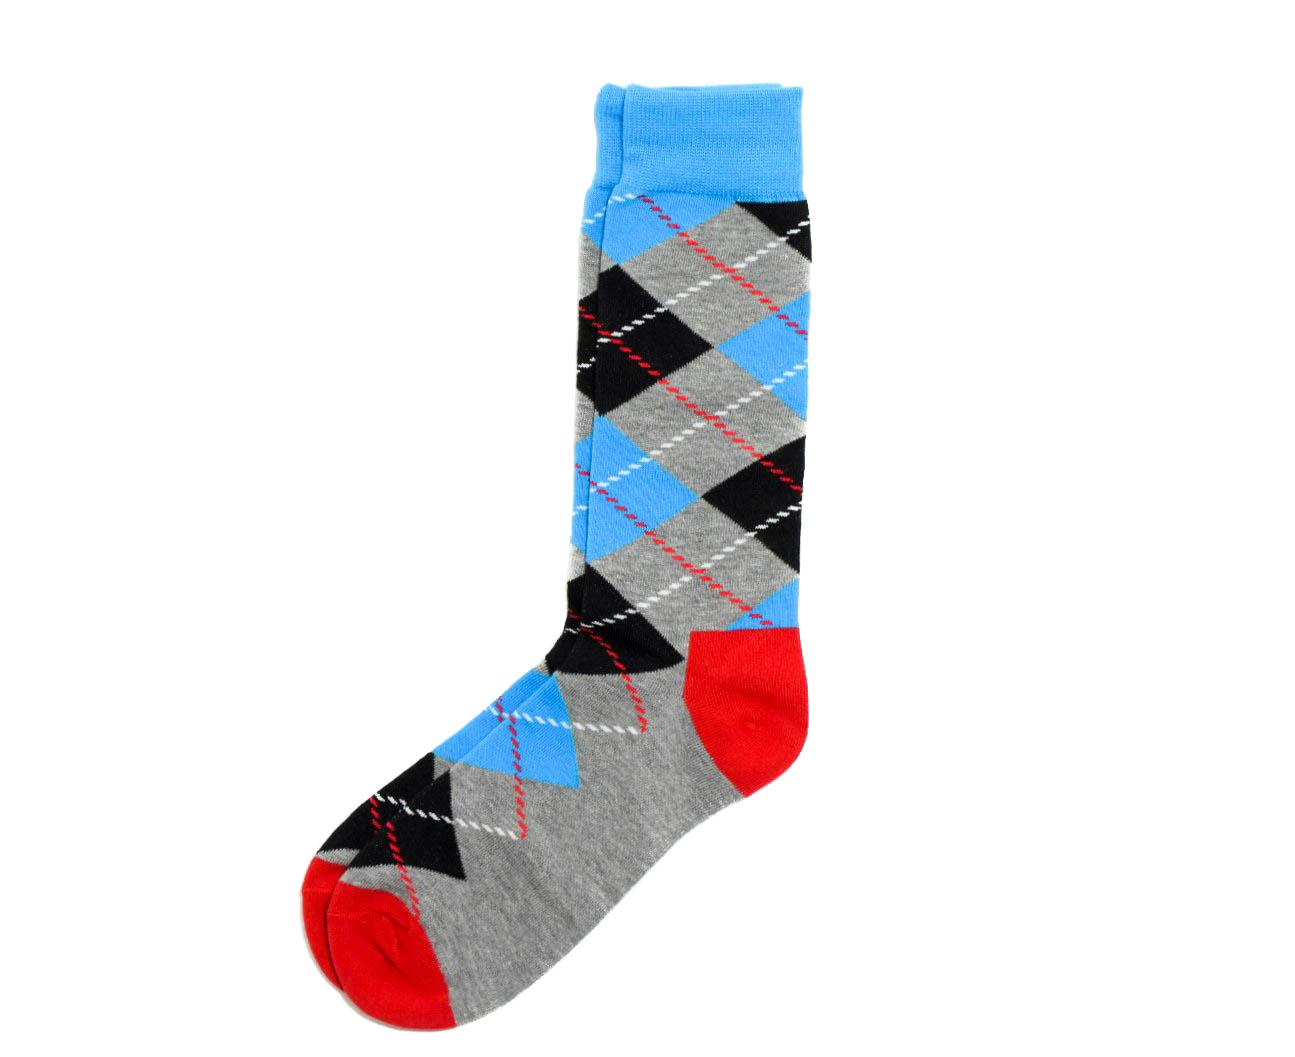 The Bachelor Socks